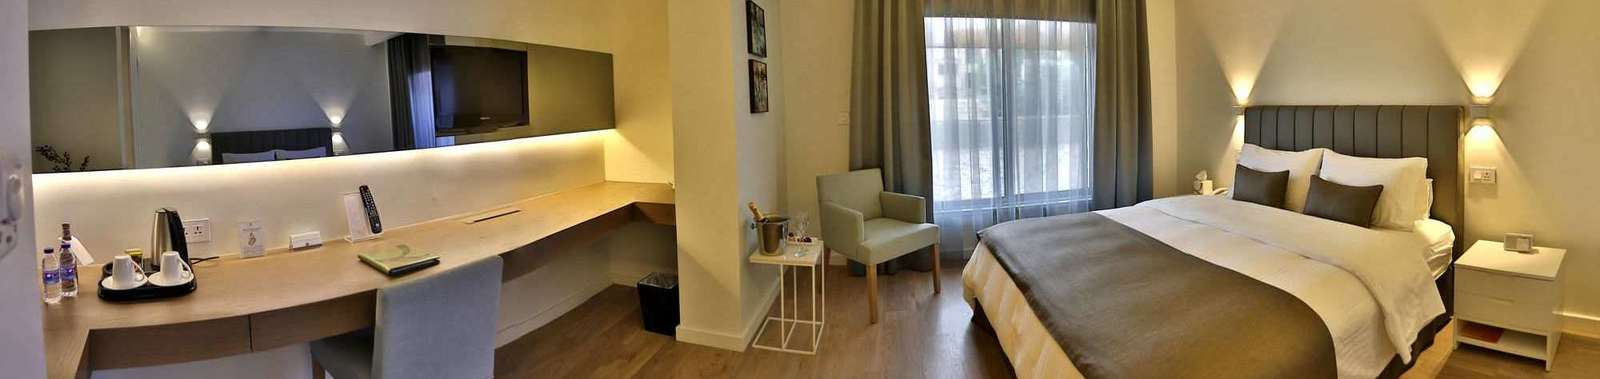 alqasr-metropole-hotel-4